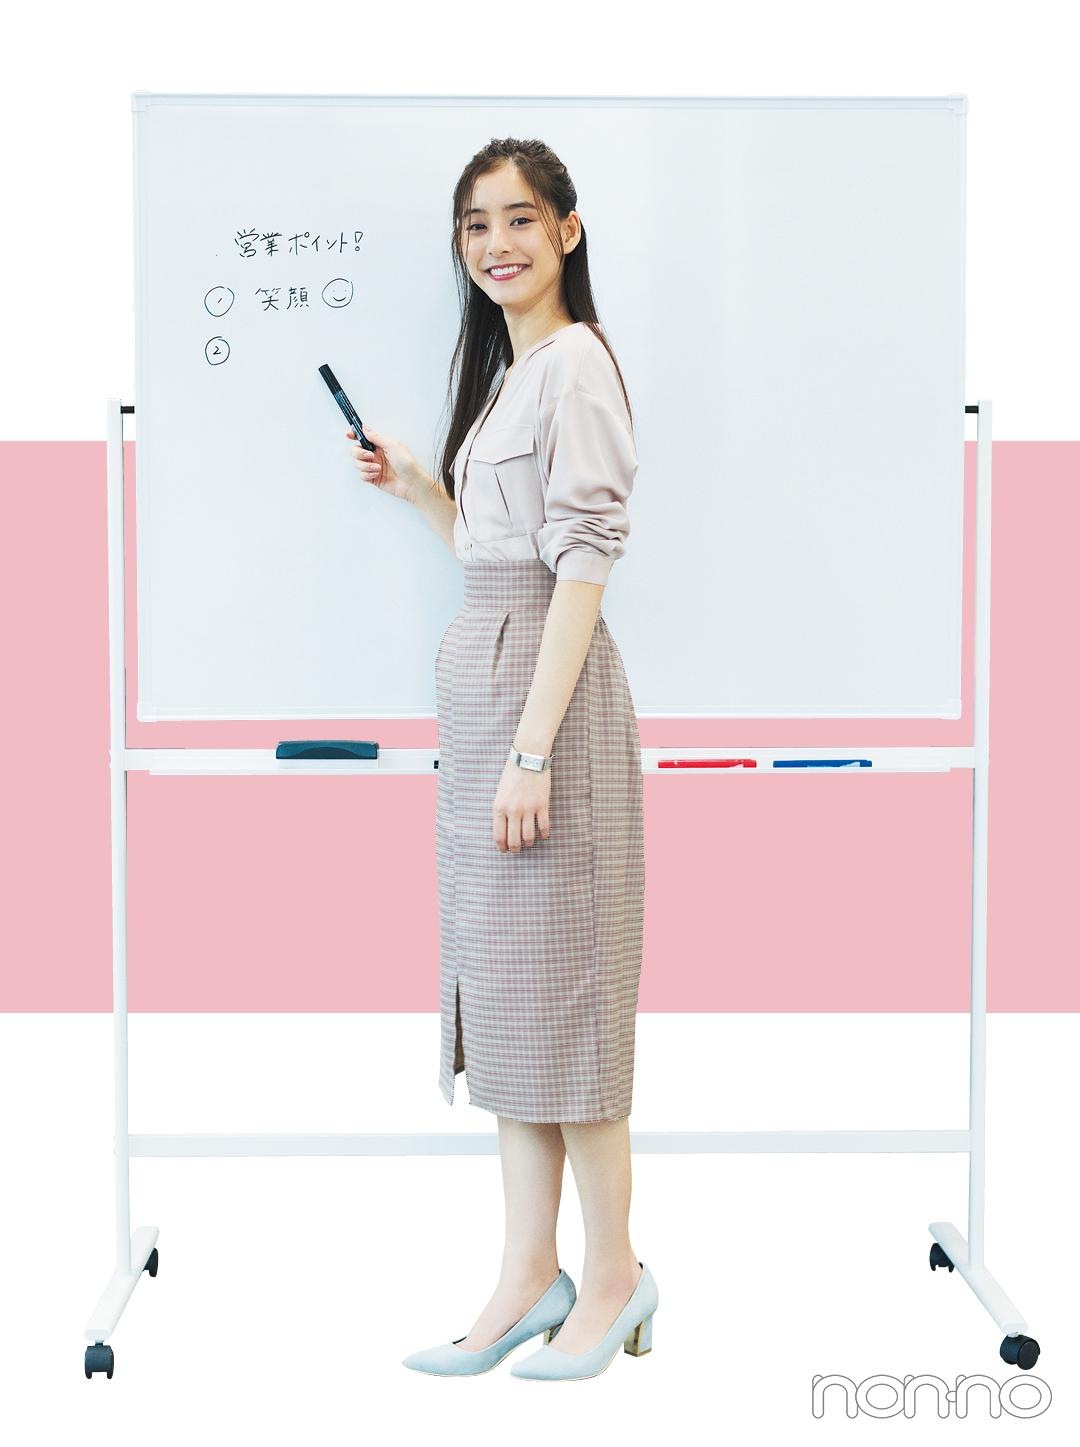 新木優子のオフィスコーデマニア必見!もし優子が憧れの先輩だったら?_1_5